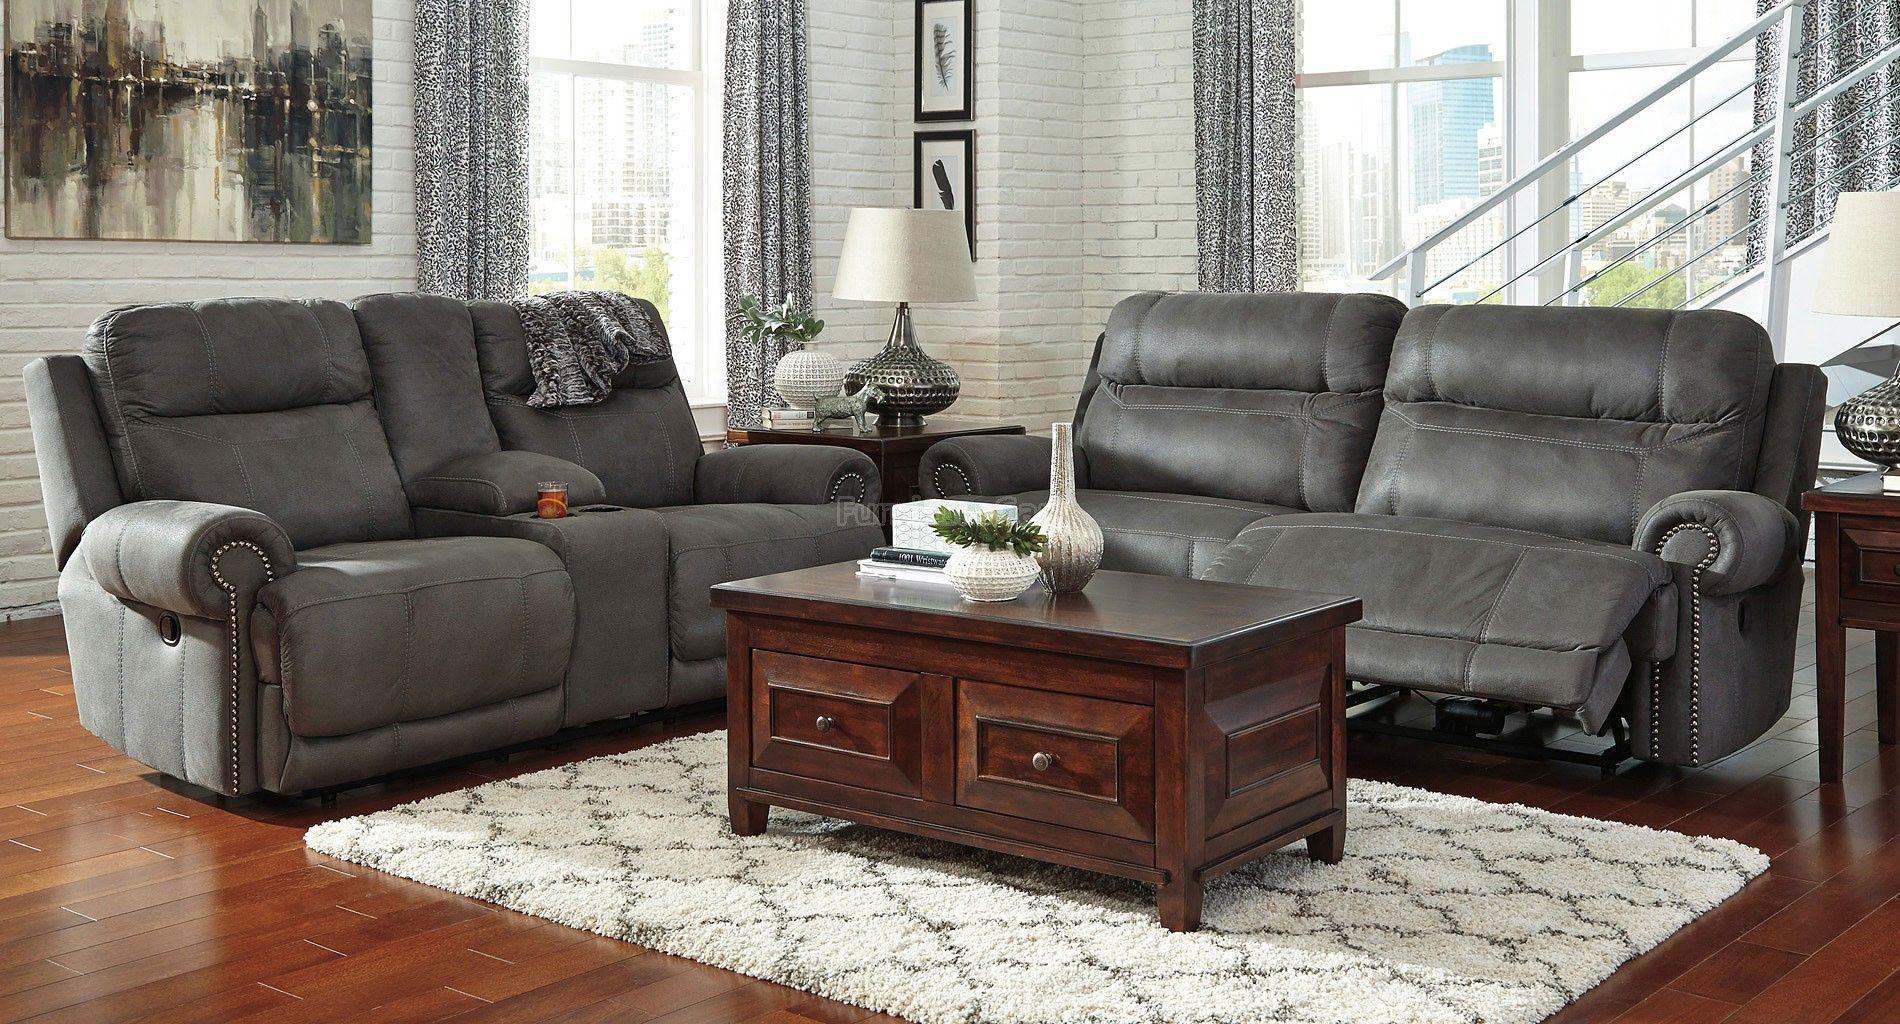 22+ Gray living room sets reclining information